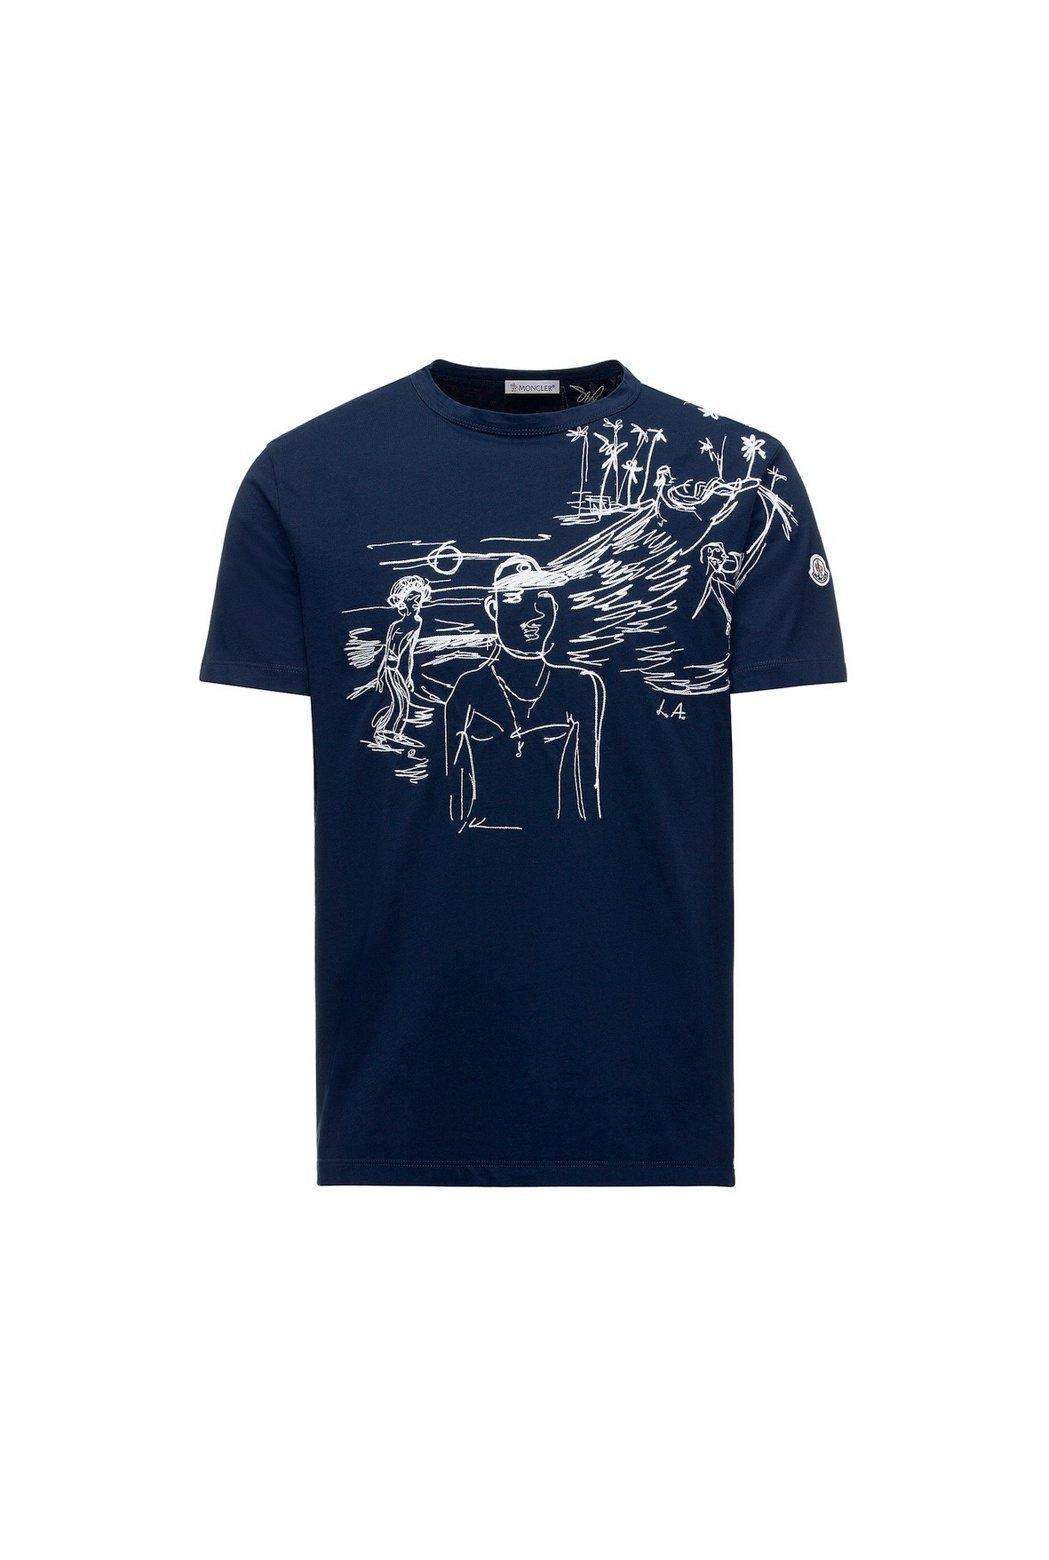 POSTCARD如畫景致系列度假手繪粗針織刺繡深藍色T恤,售價11,600元。圖...